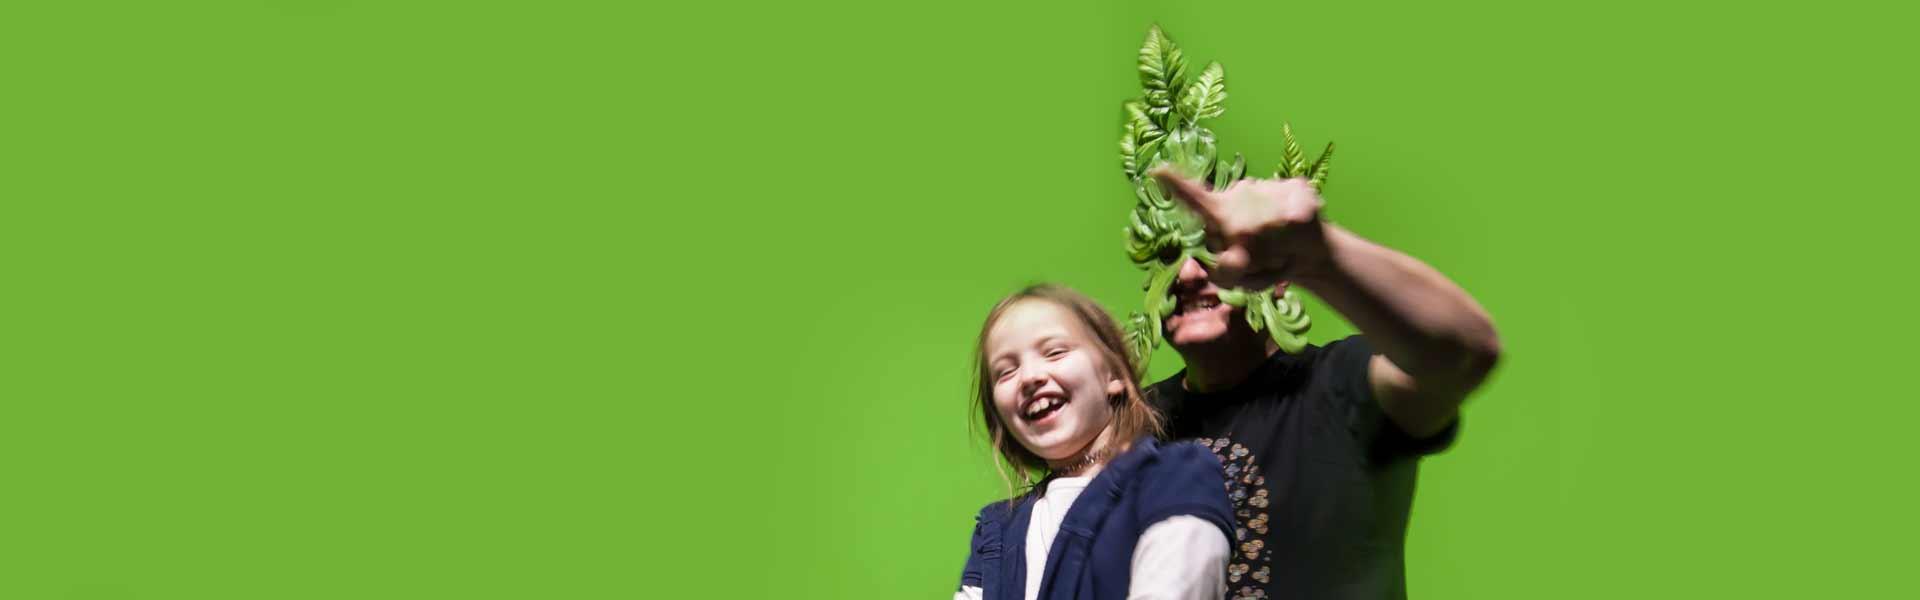 Greenscreen-Installation – Robin Hood-Ausstellung